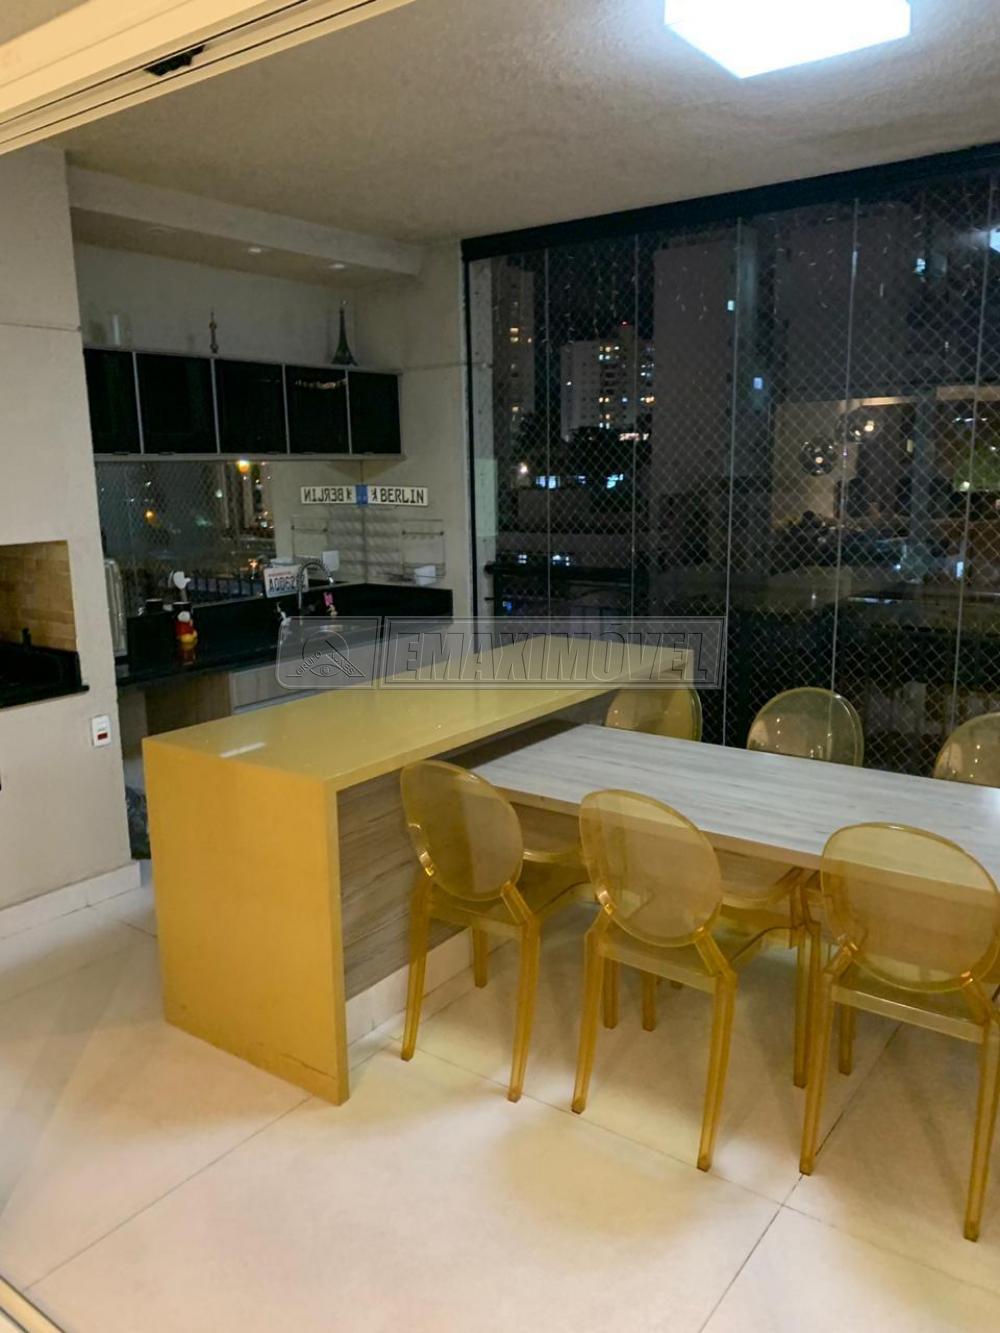 Comprar Apartamentos / Apto Padrão em Sorocaba apenas R$ 2.500.000,00 - Foto 26